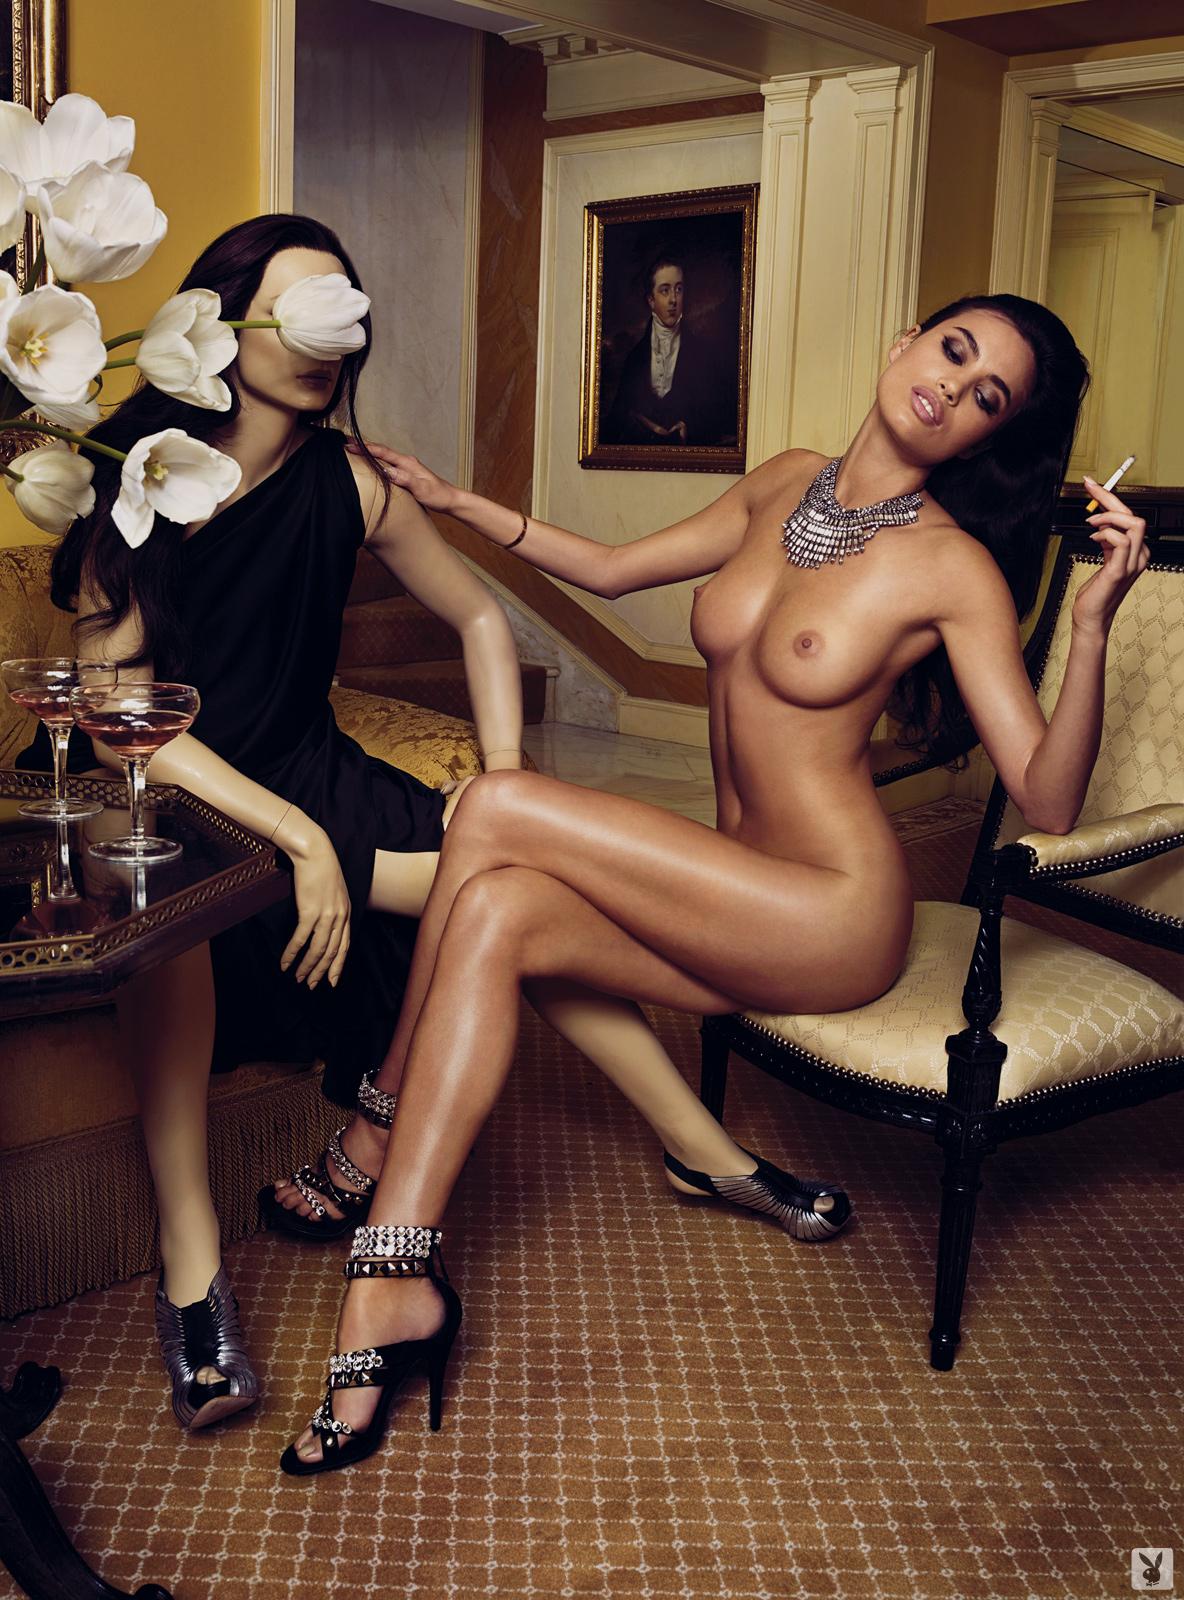 Indian women bent over nude